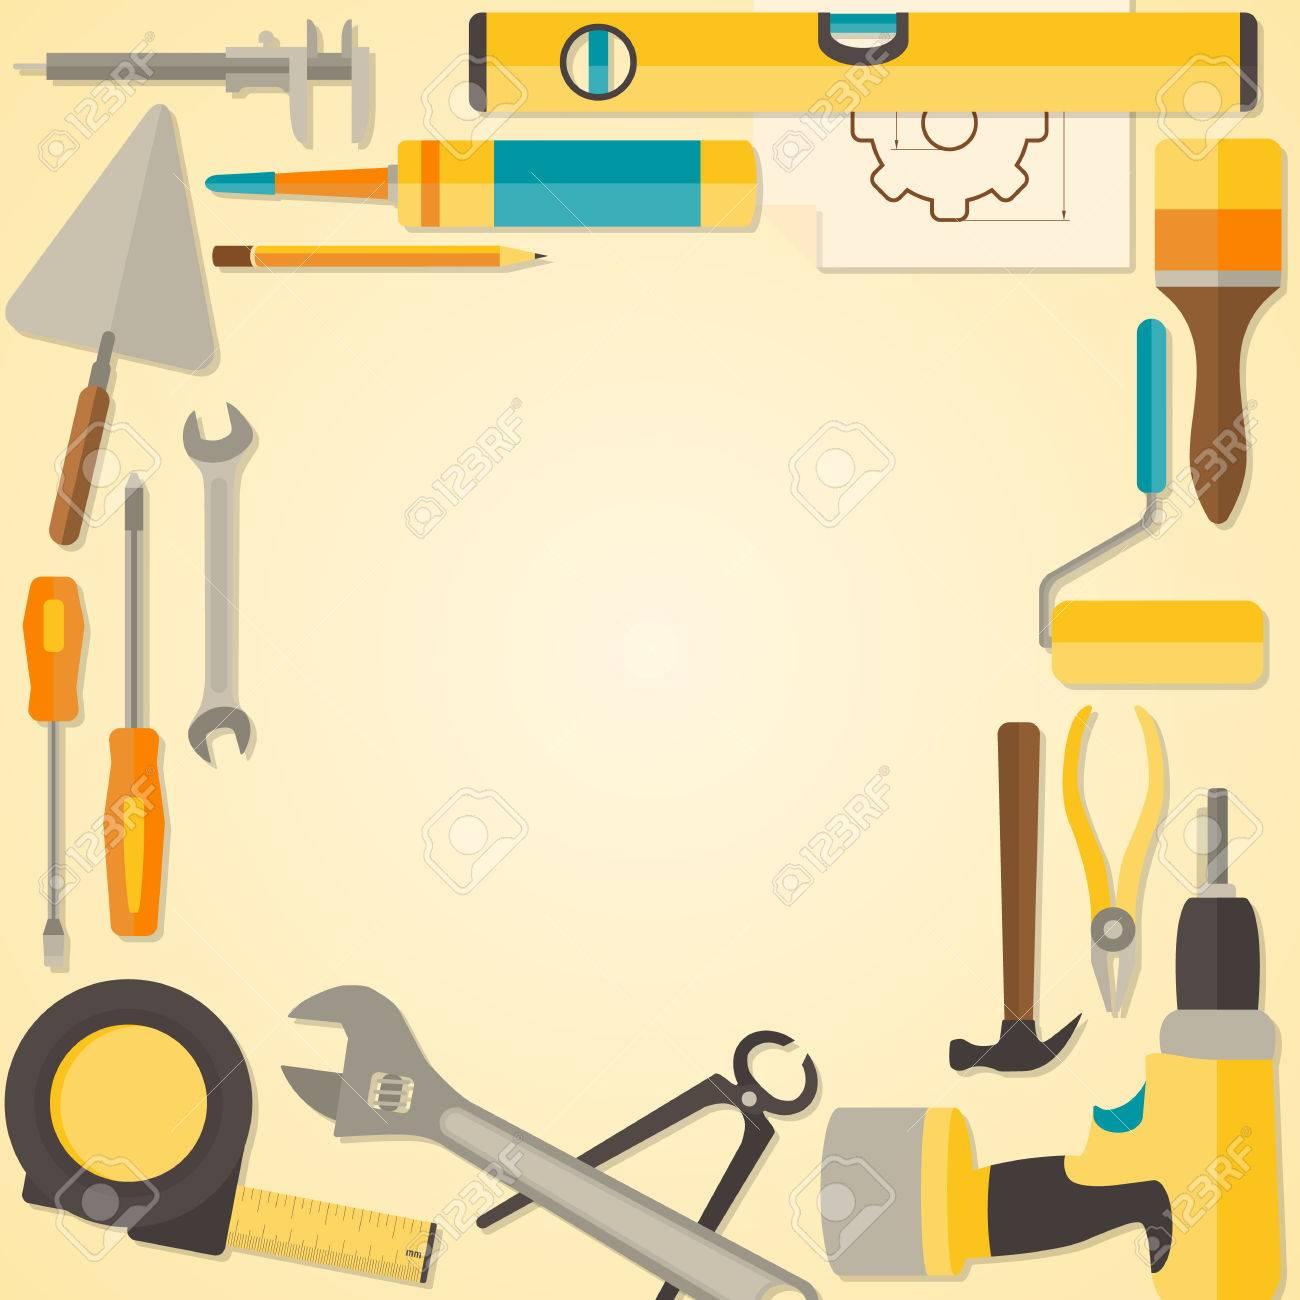 Vector Marco De Diseño Plano Con Do-it-yourself Herramientas Para La ...